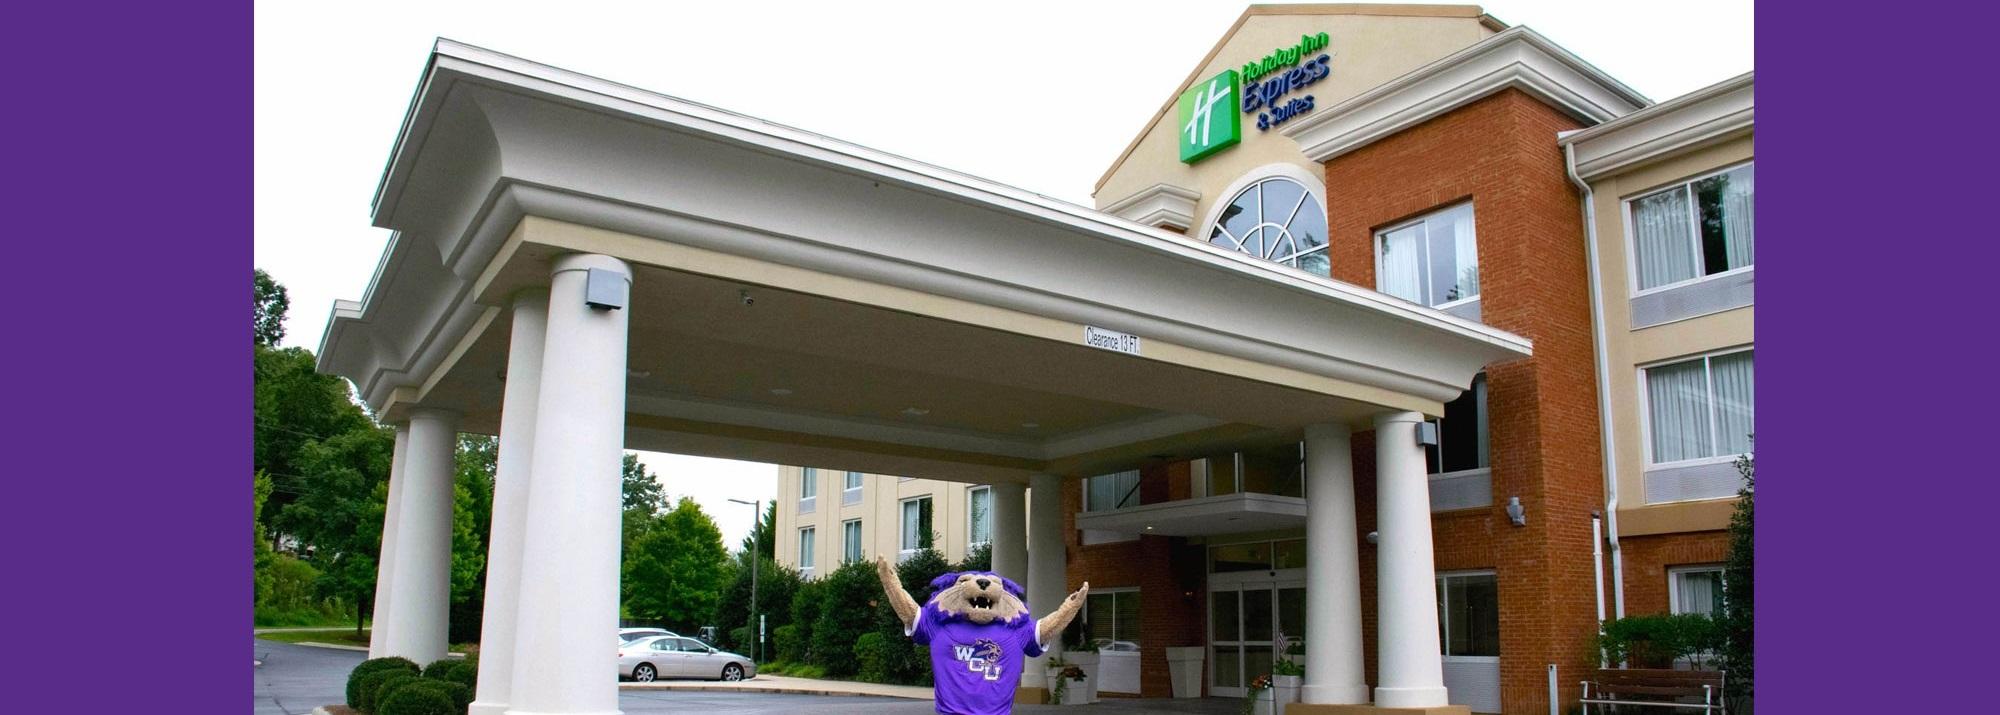 WCU Hotels